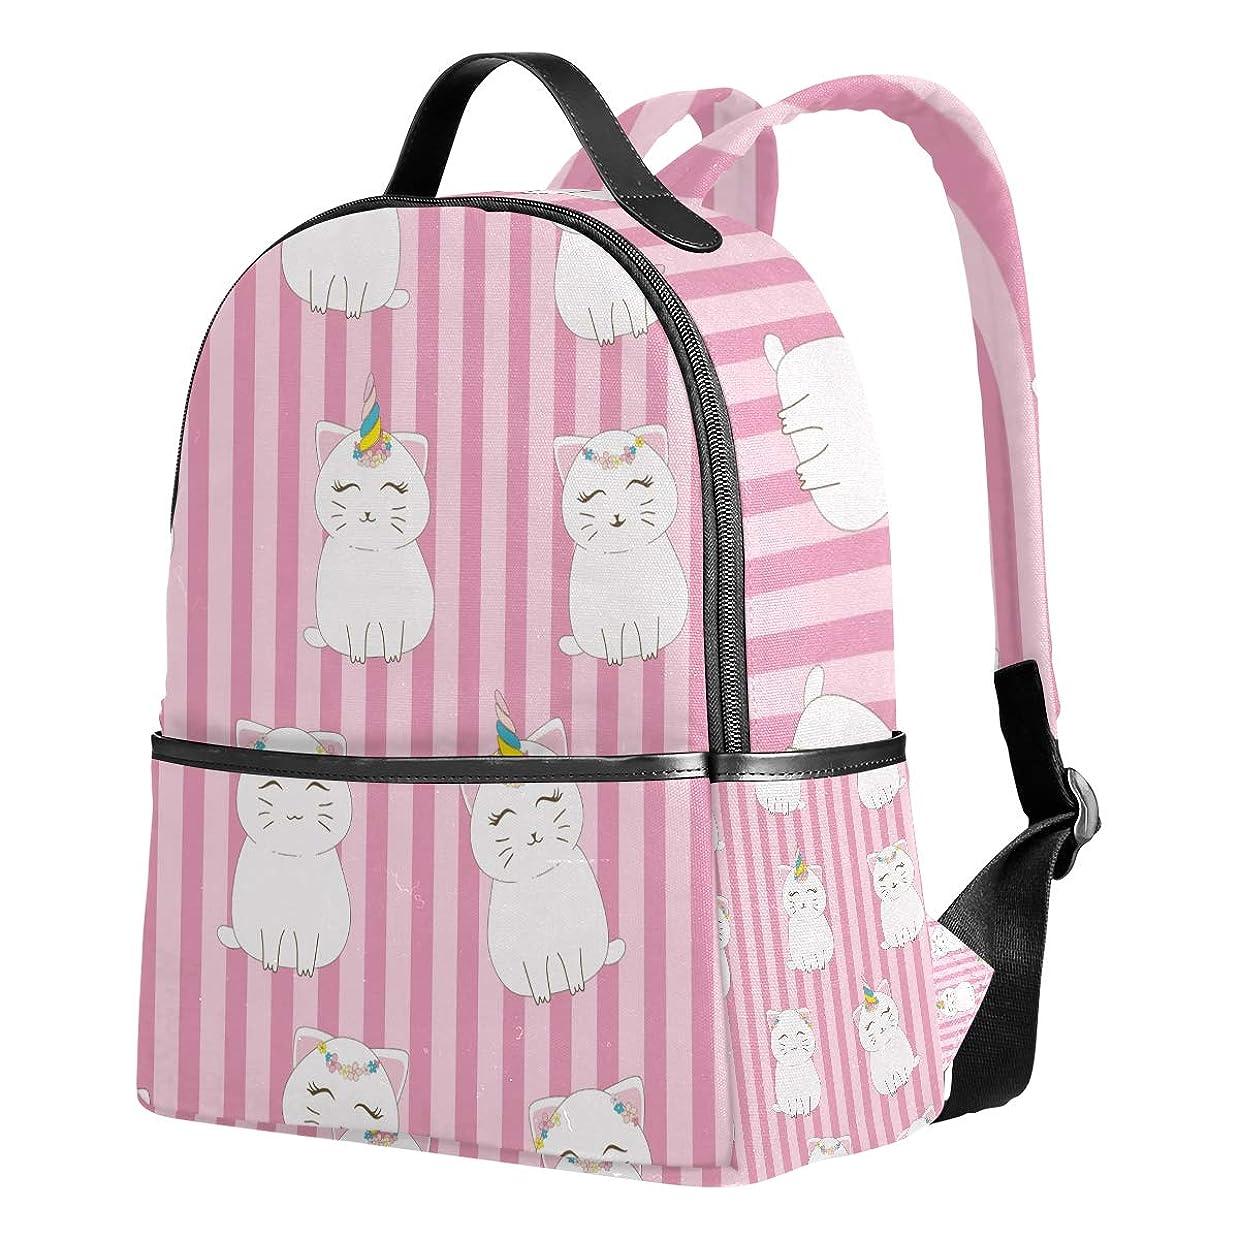 スティーブンソン仮定、想定。推測それに応じてユサキ(USAKI) リュック リュックサック 通学 ネコ 猫柄 ピンク ストライプ模様